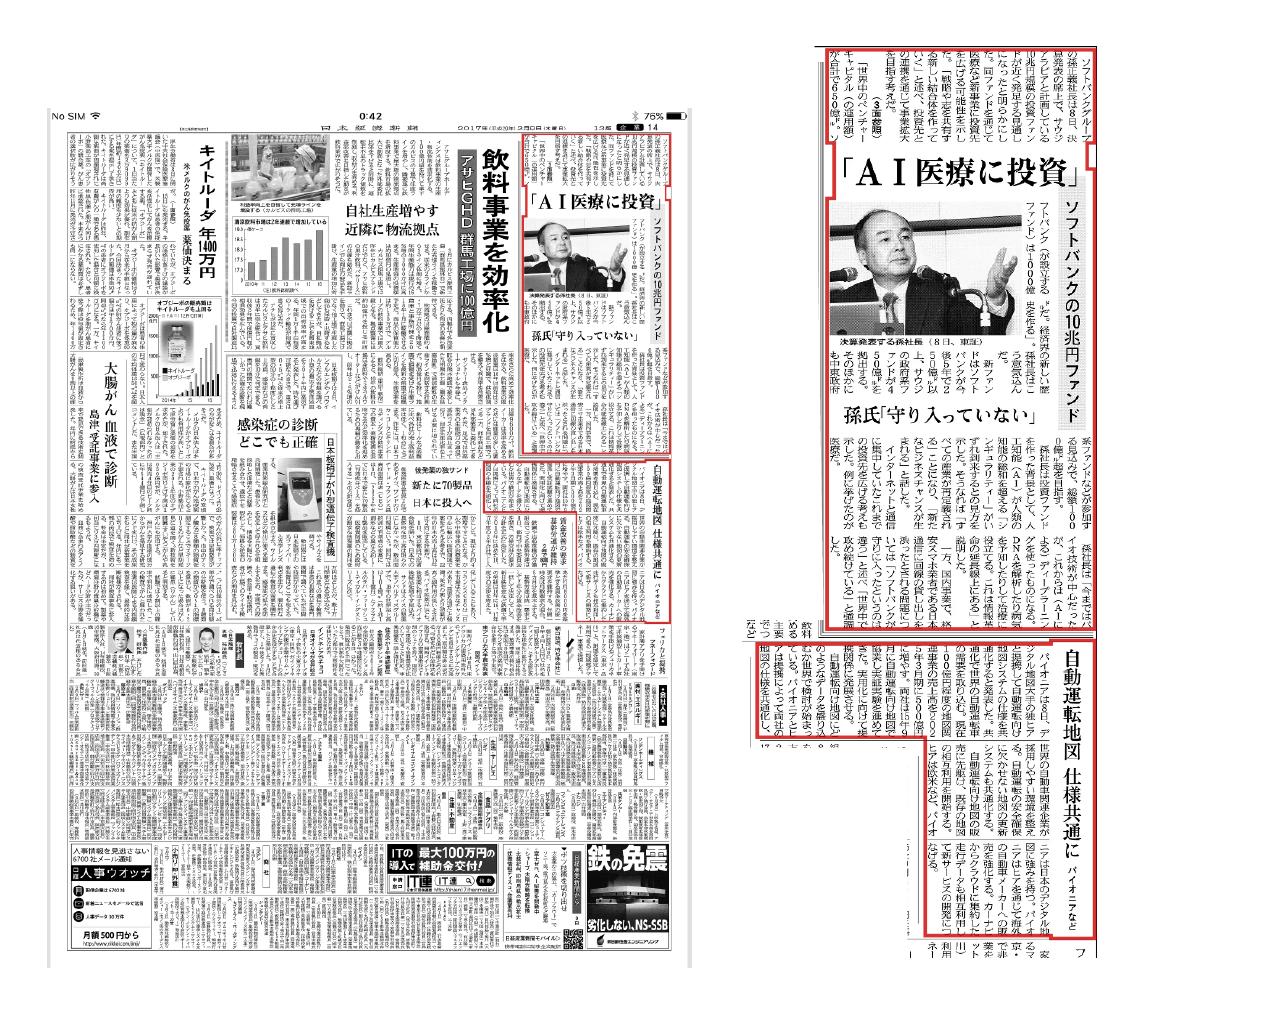 nikkei-news-digital-app-keyword-setting-iphone-ipad-5